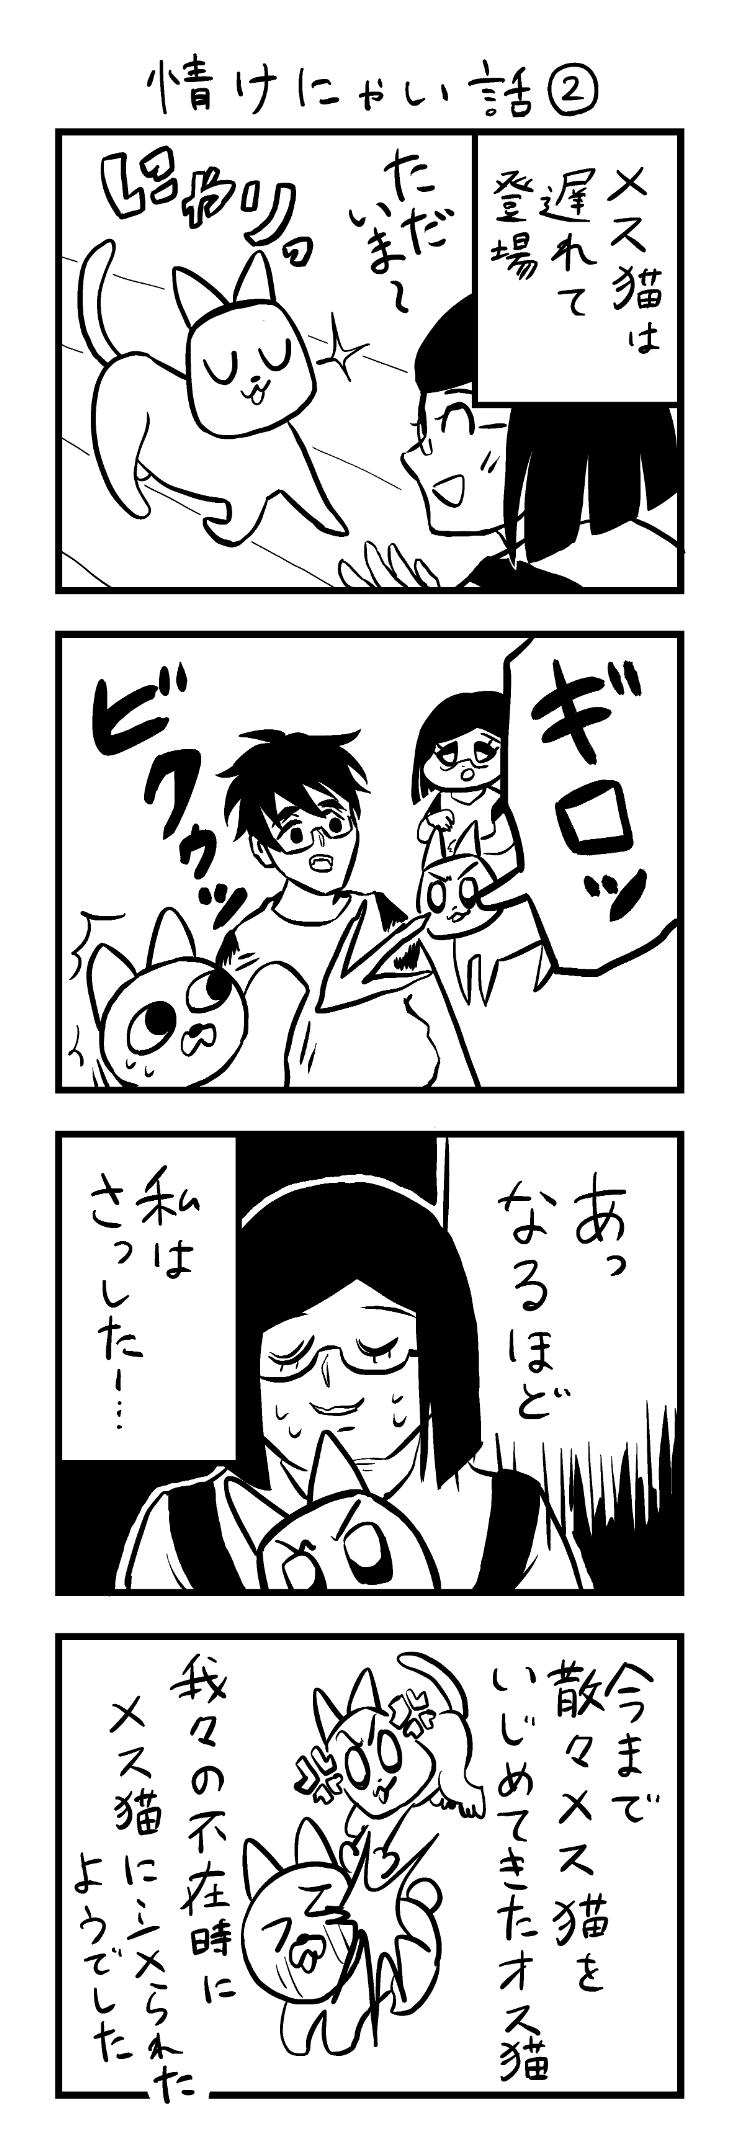 情けない話2